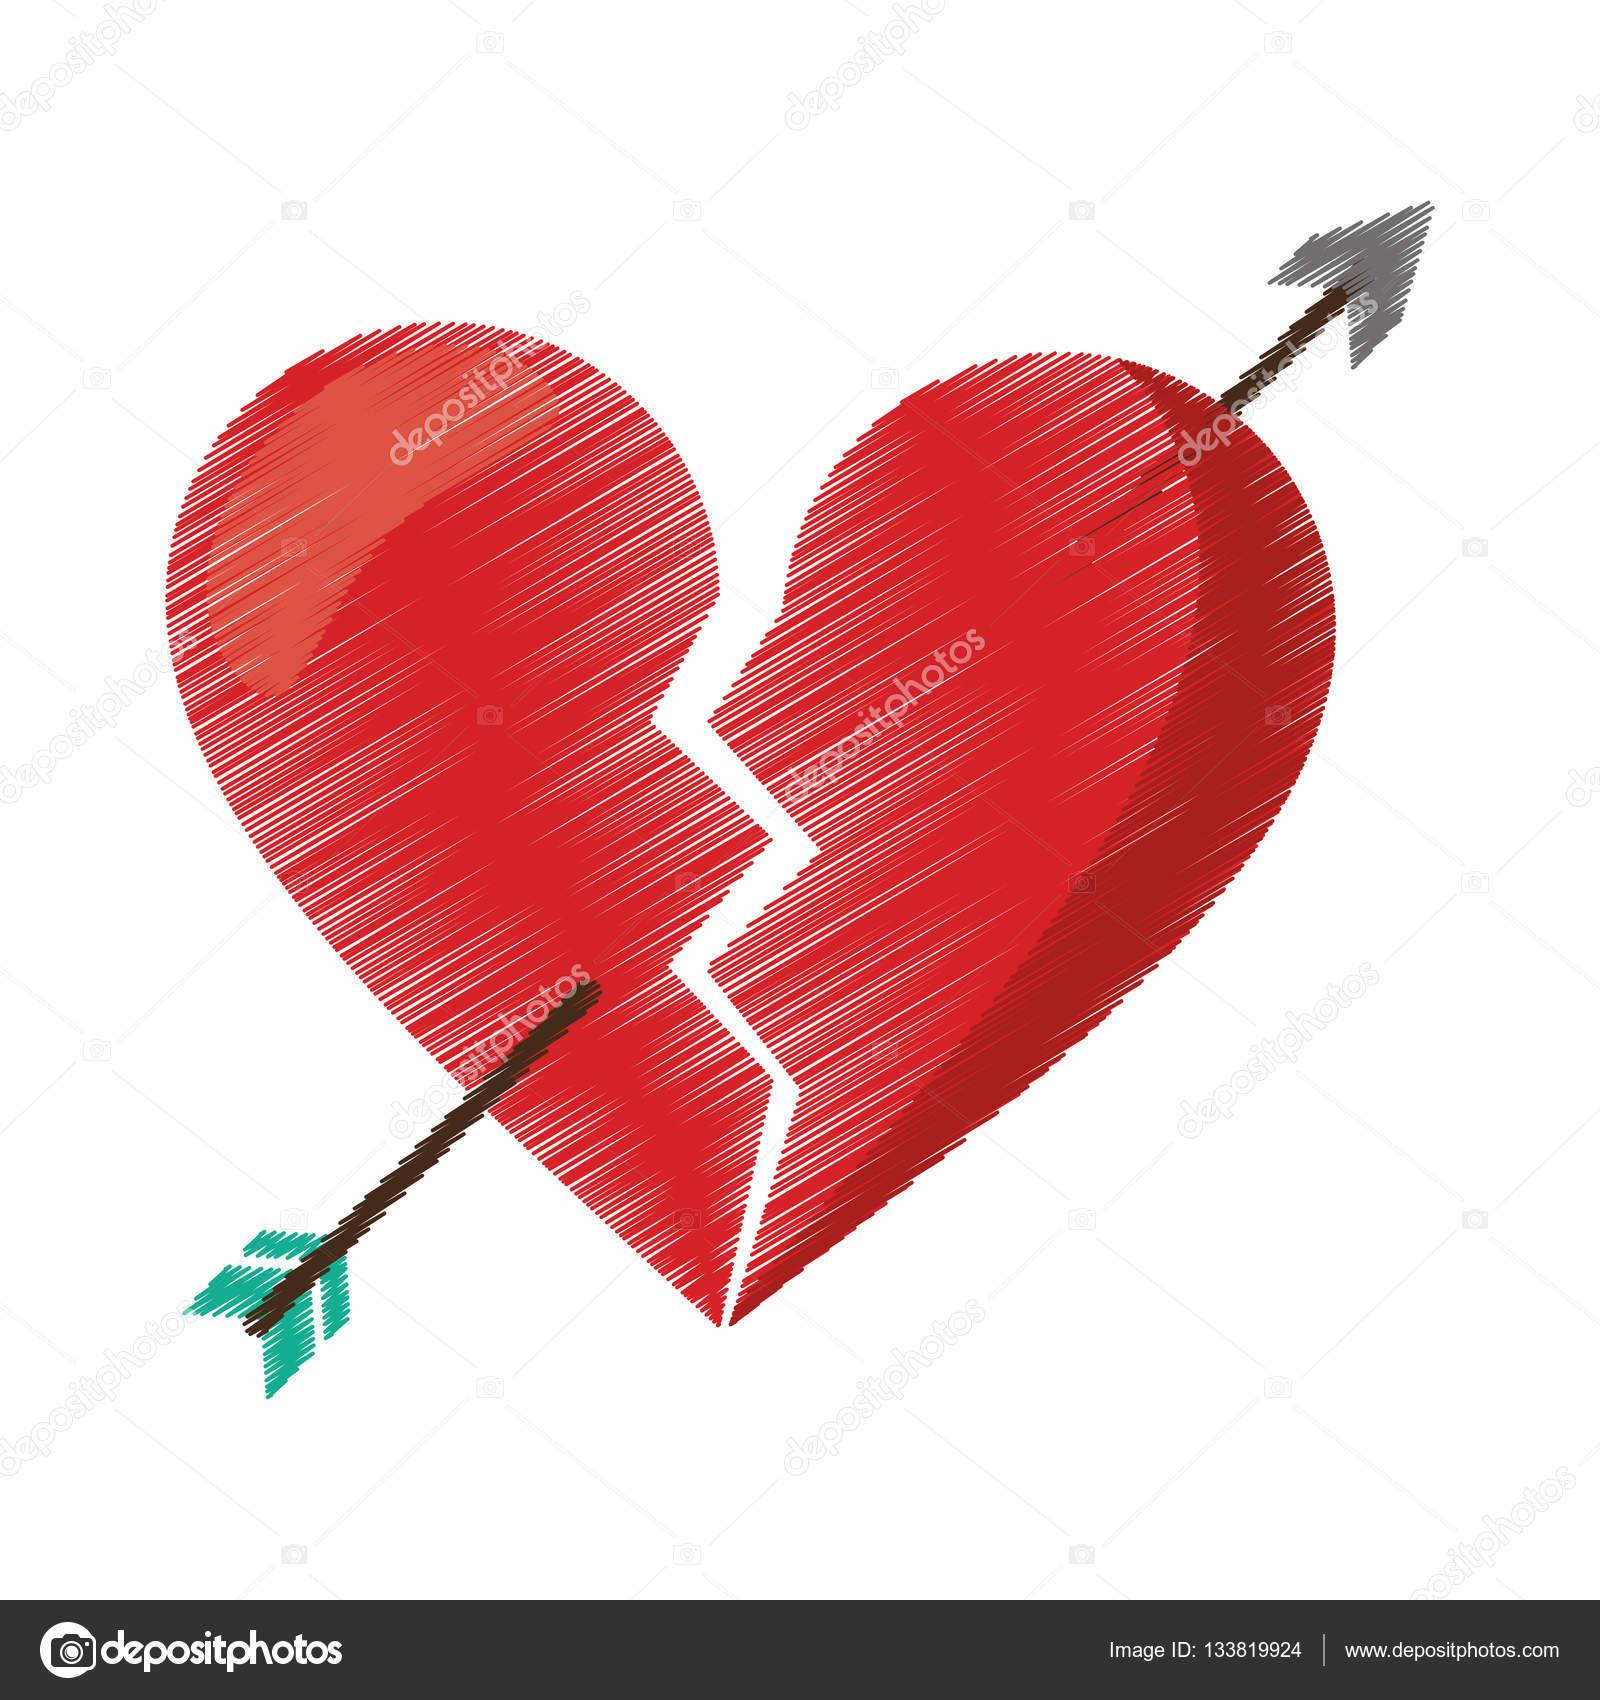 Imágenes De Corazones Tristes Dibujo Rojo Corazón Roto Triste